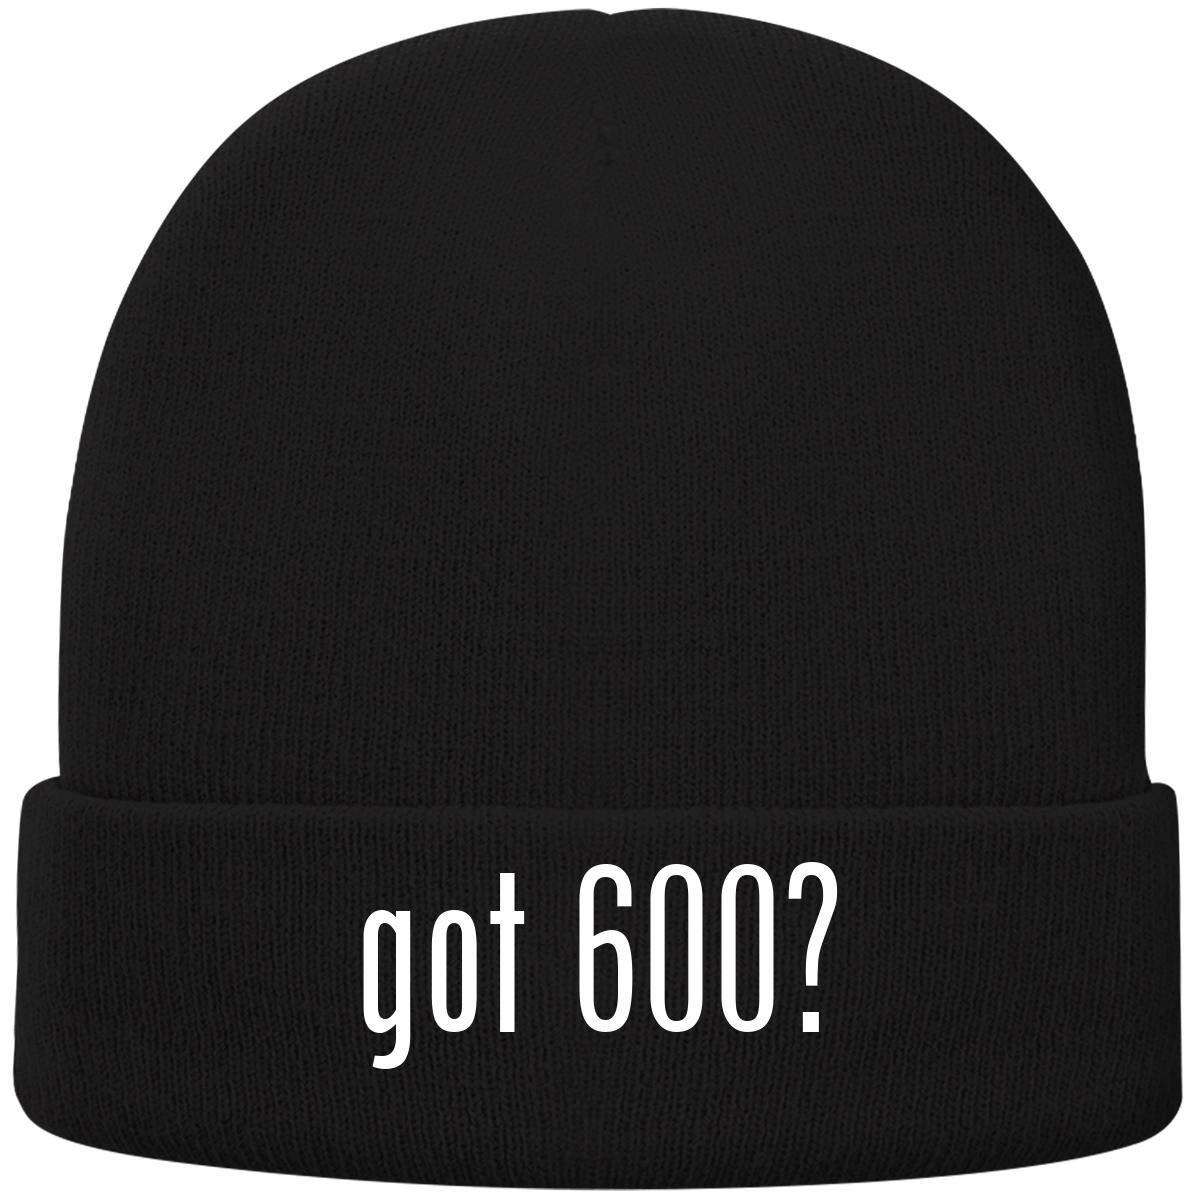 One Legging it Around got 600? - Soft Adult Beanie Cap